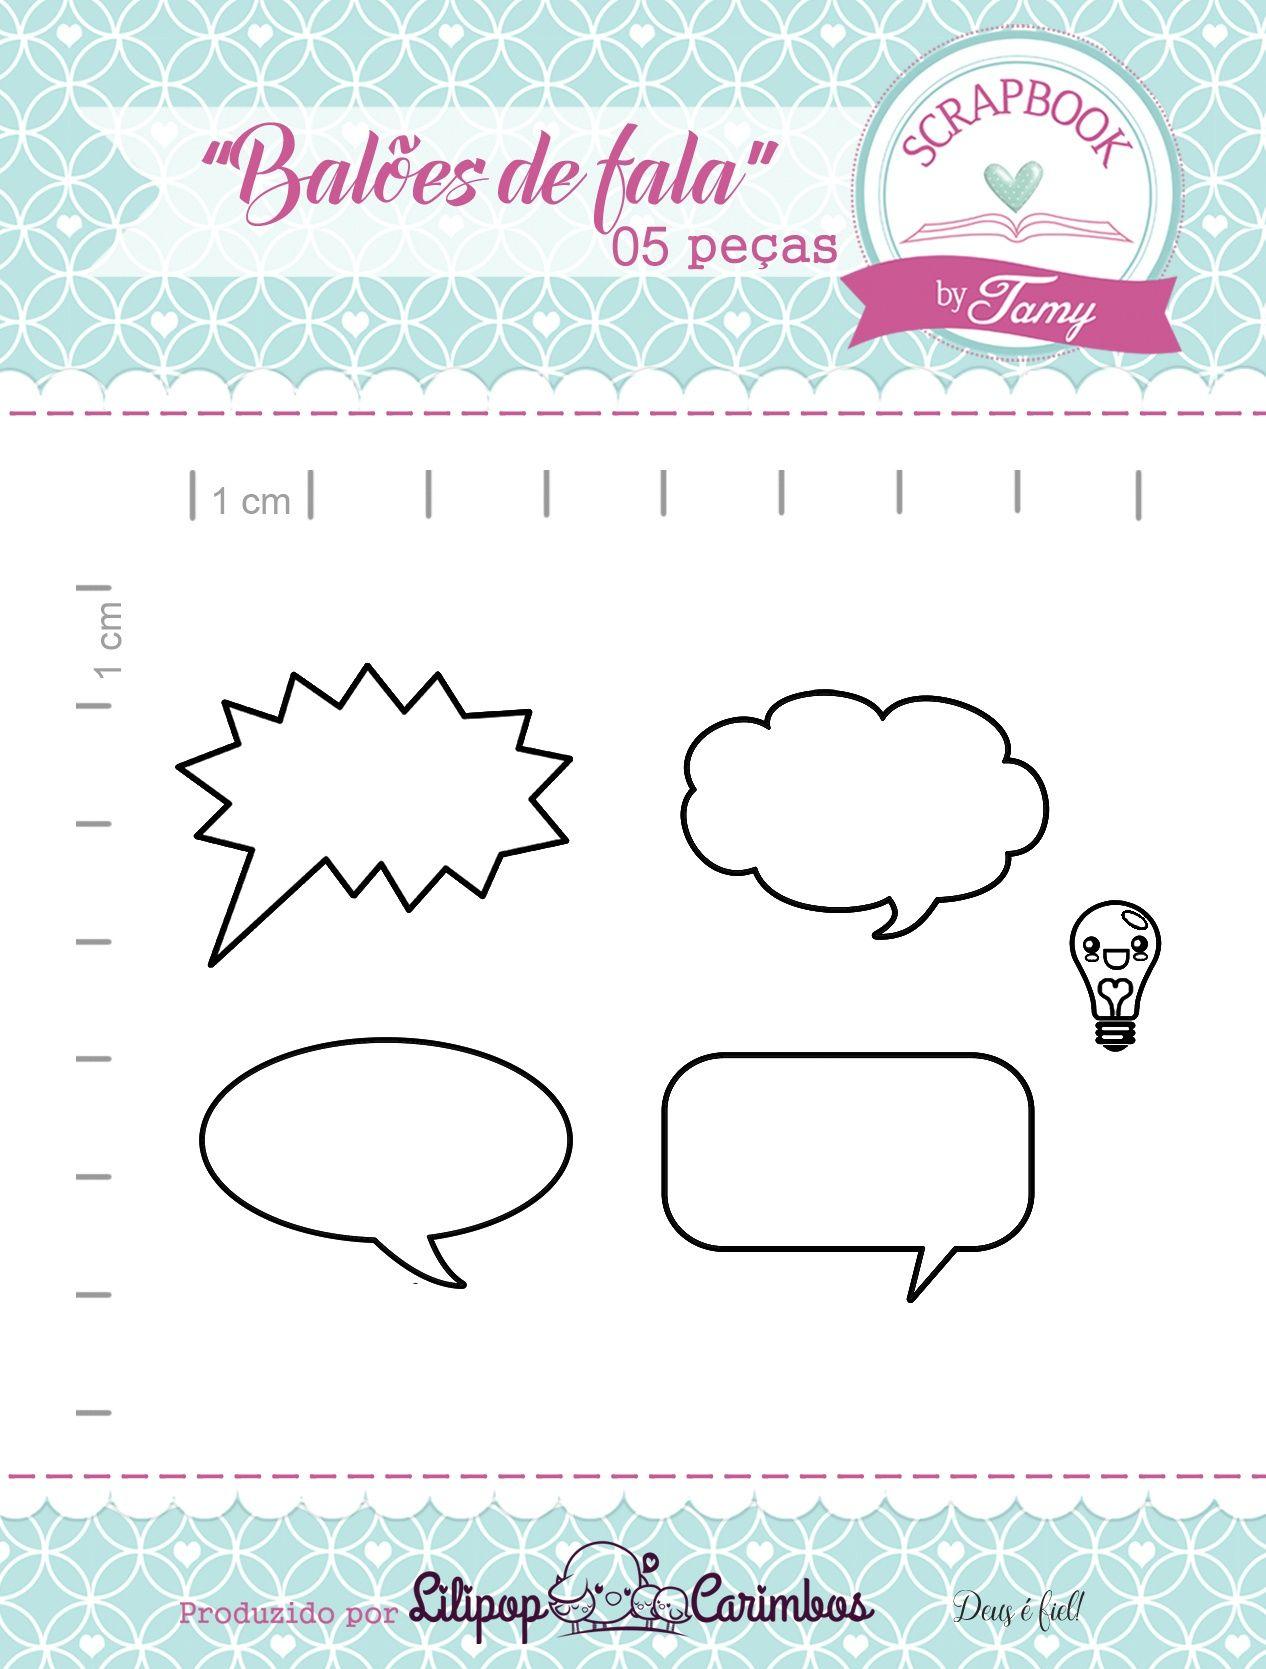 Kit de Carimbos - Balões de Fala - Scrapbook by Tamy